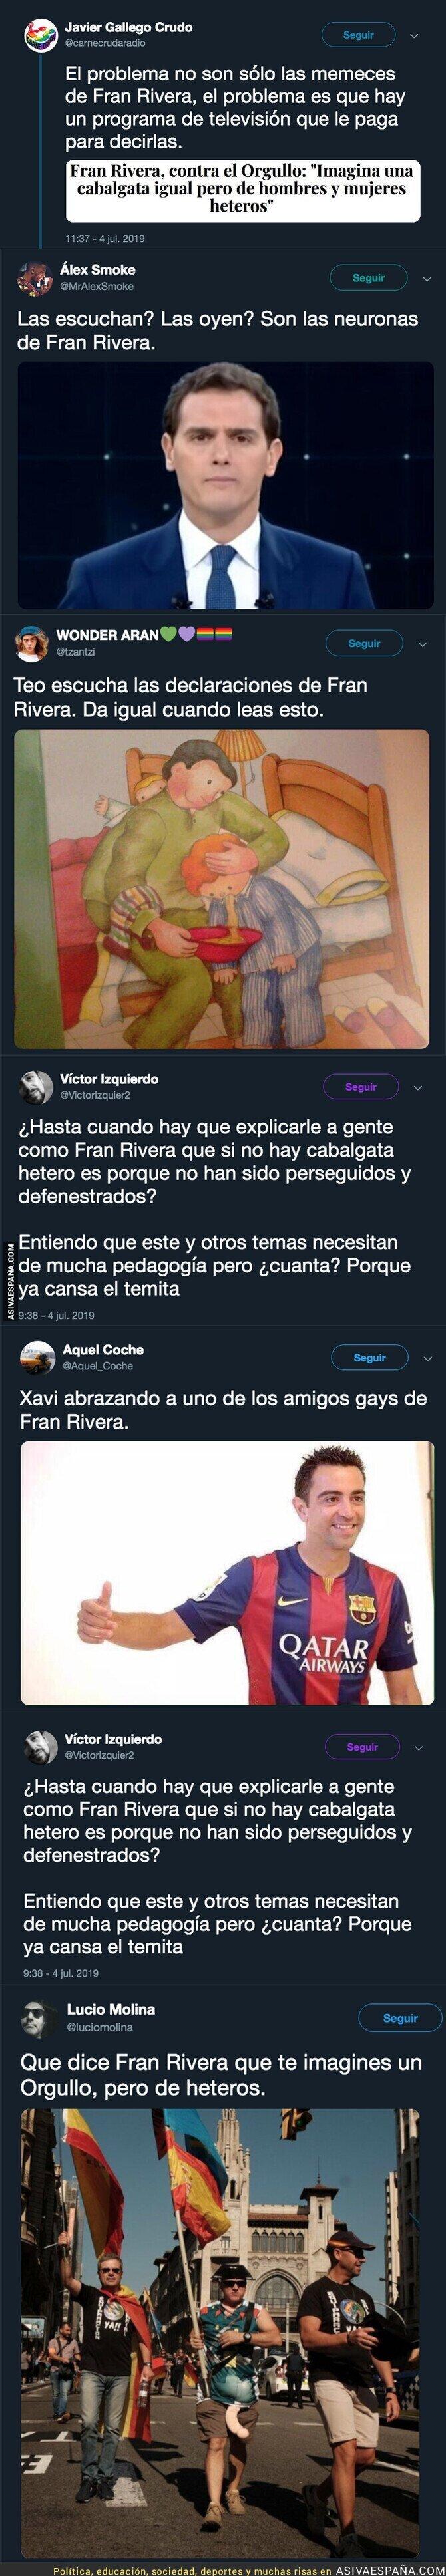 115770 - Fran Rivera la vuelve a liar con estas palabras sobre el 'Orgullo'